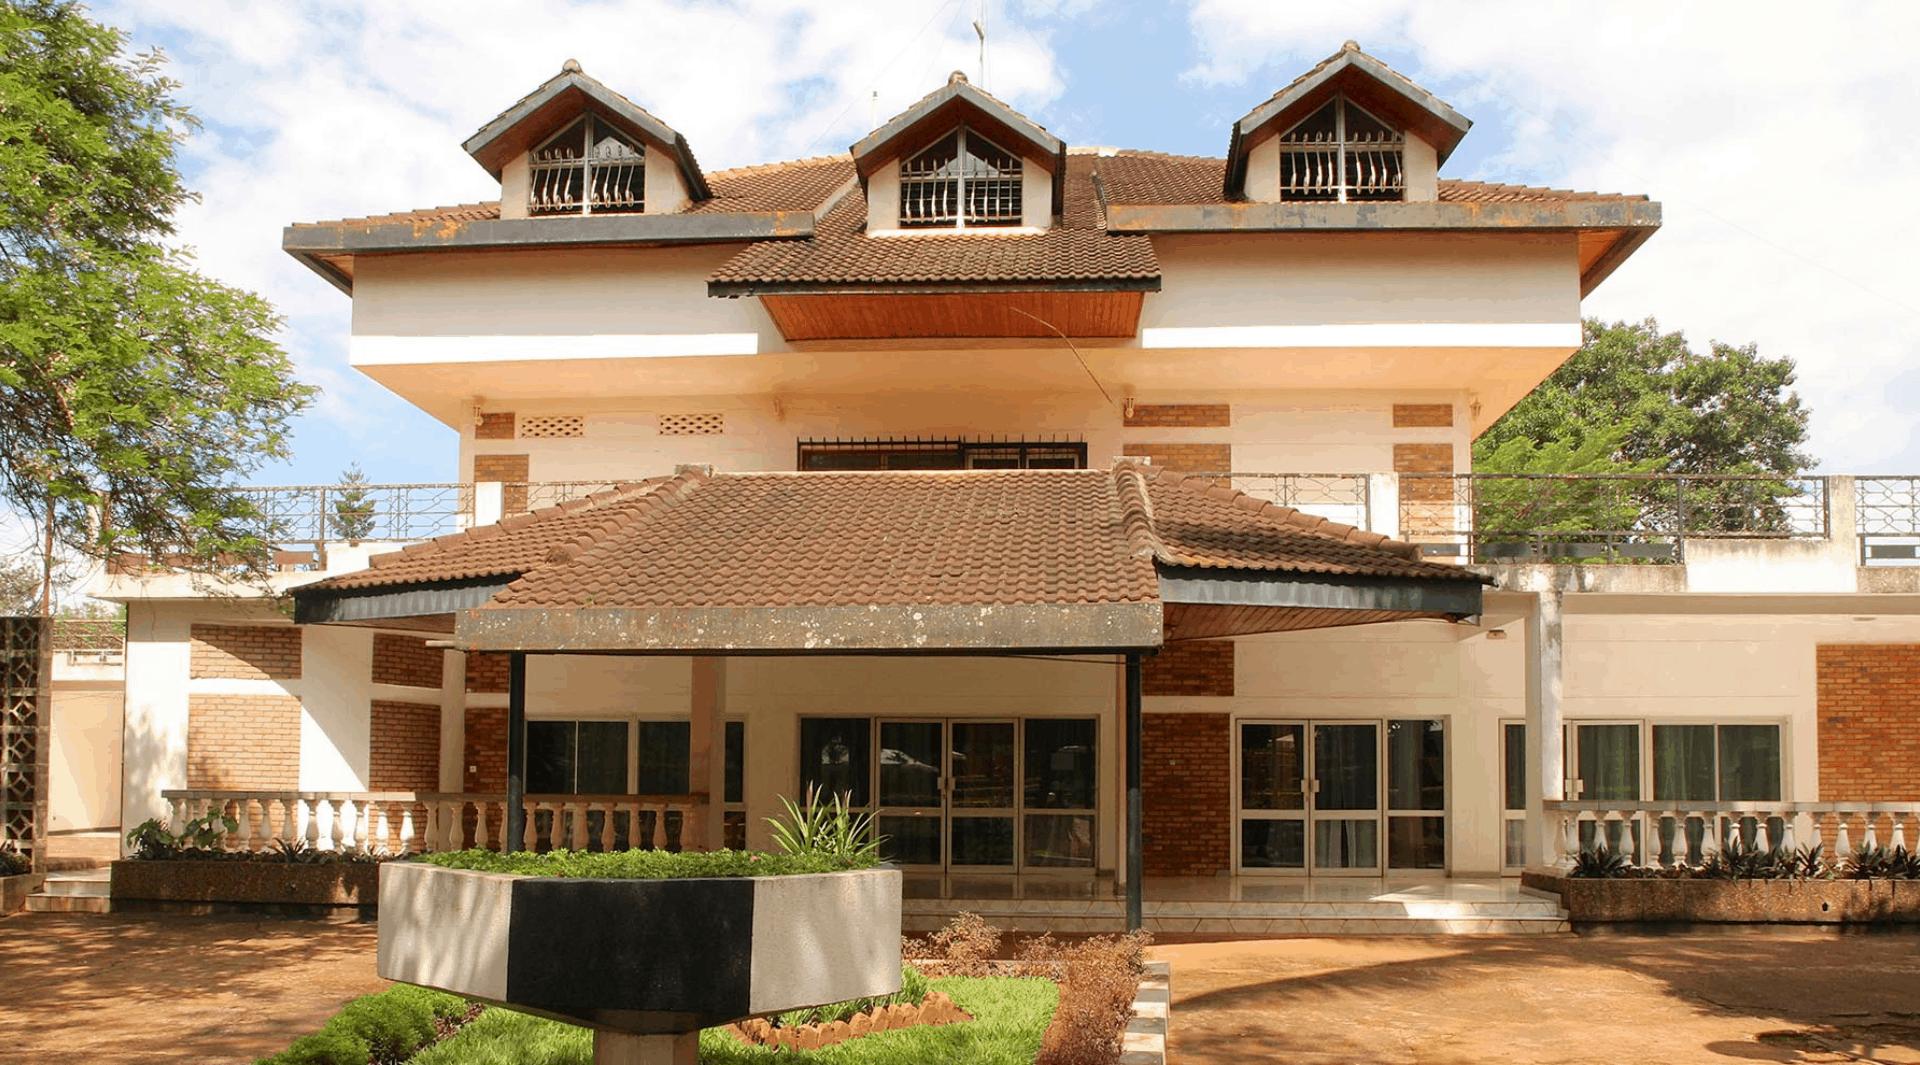 Rwanda Art Museum Kigali